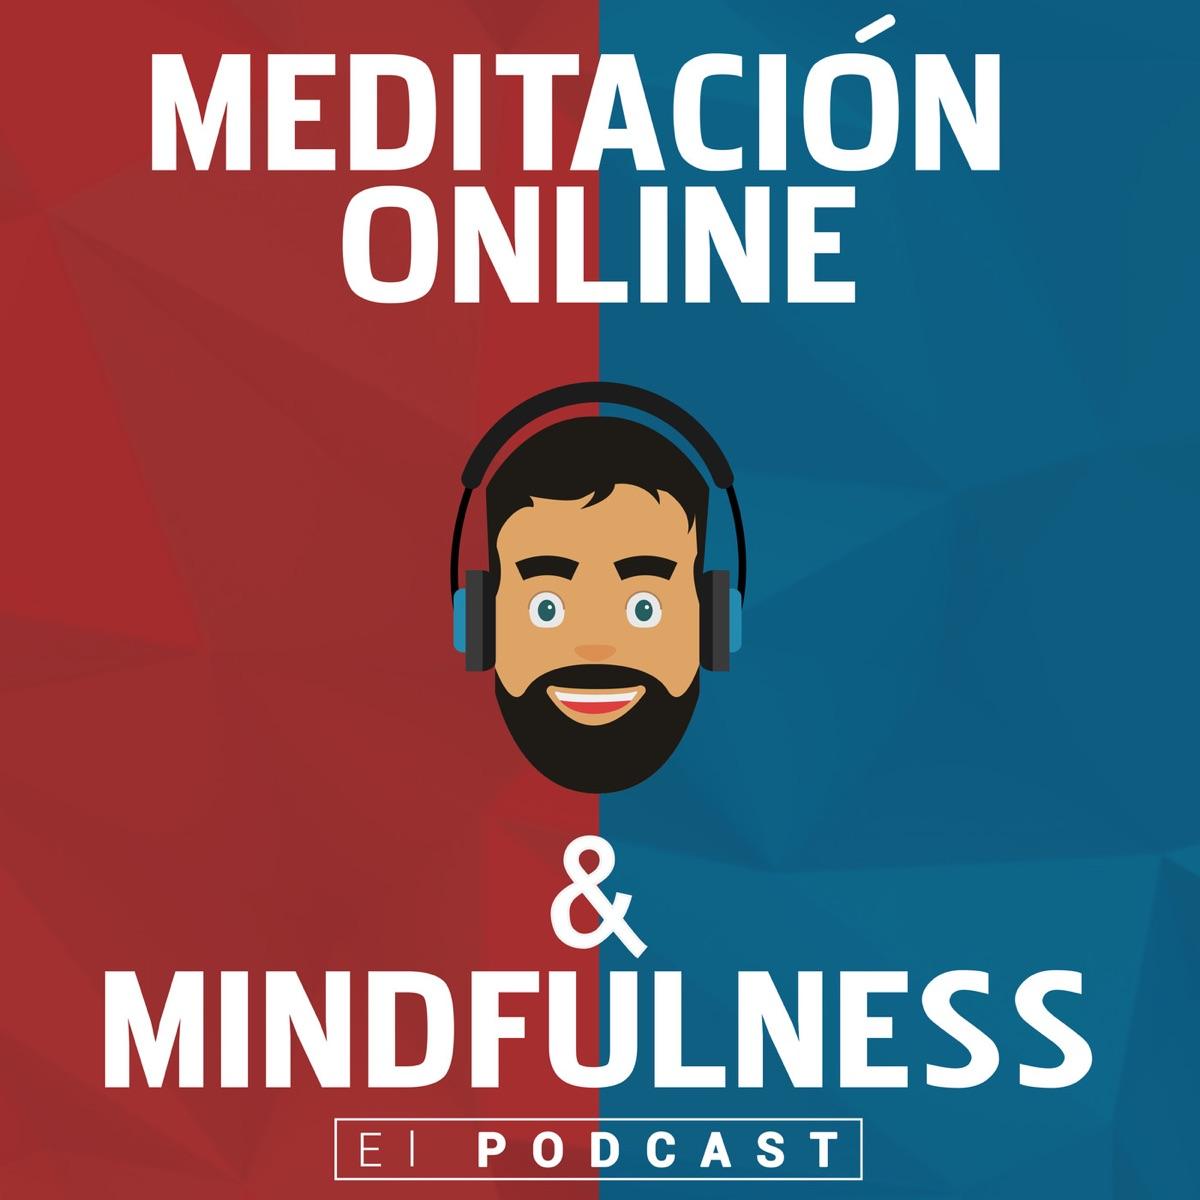 154. Meditar facilita el cambio de superar tu distracción para enfocarse de nuevo en lo que hacías